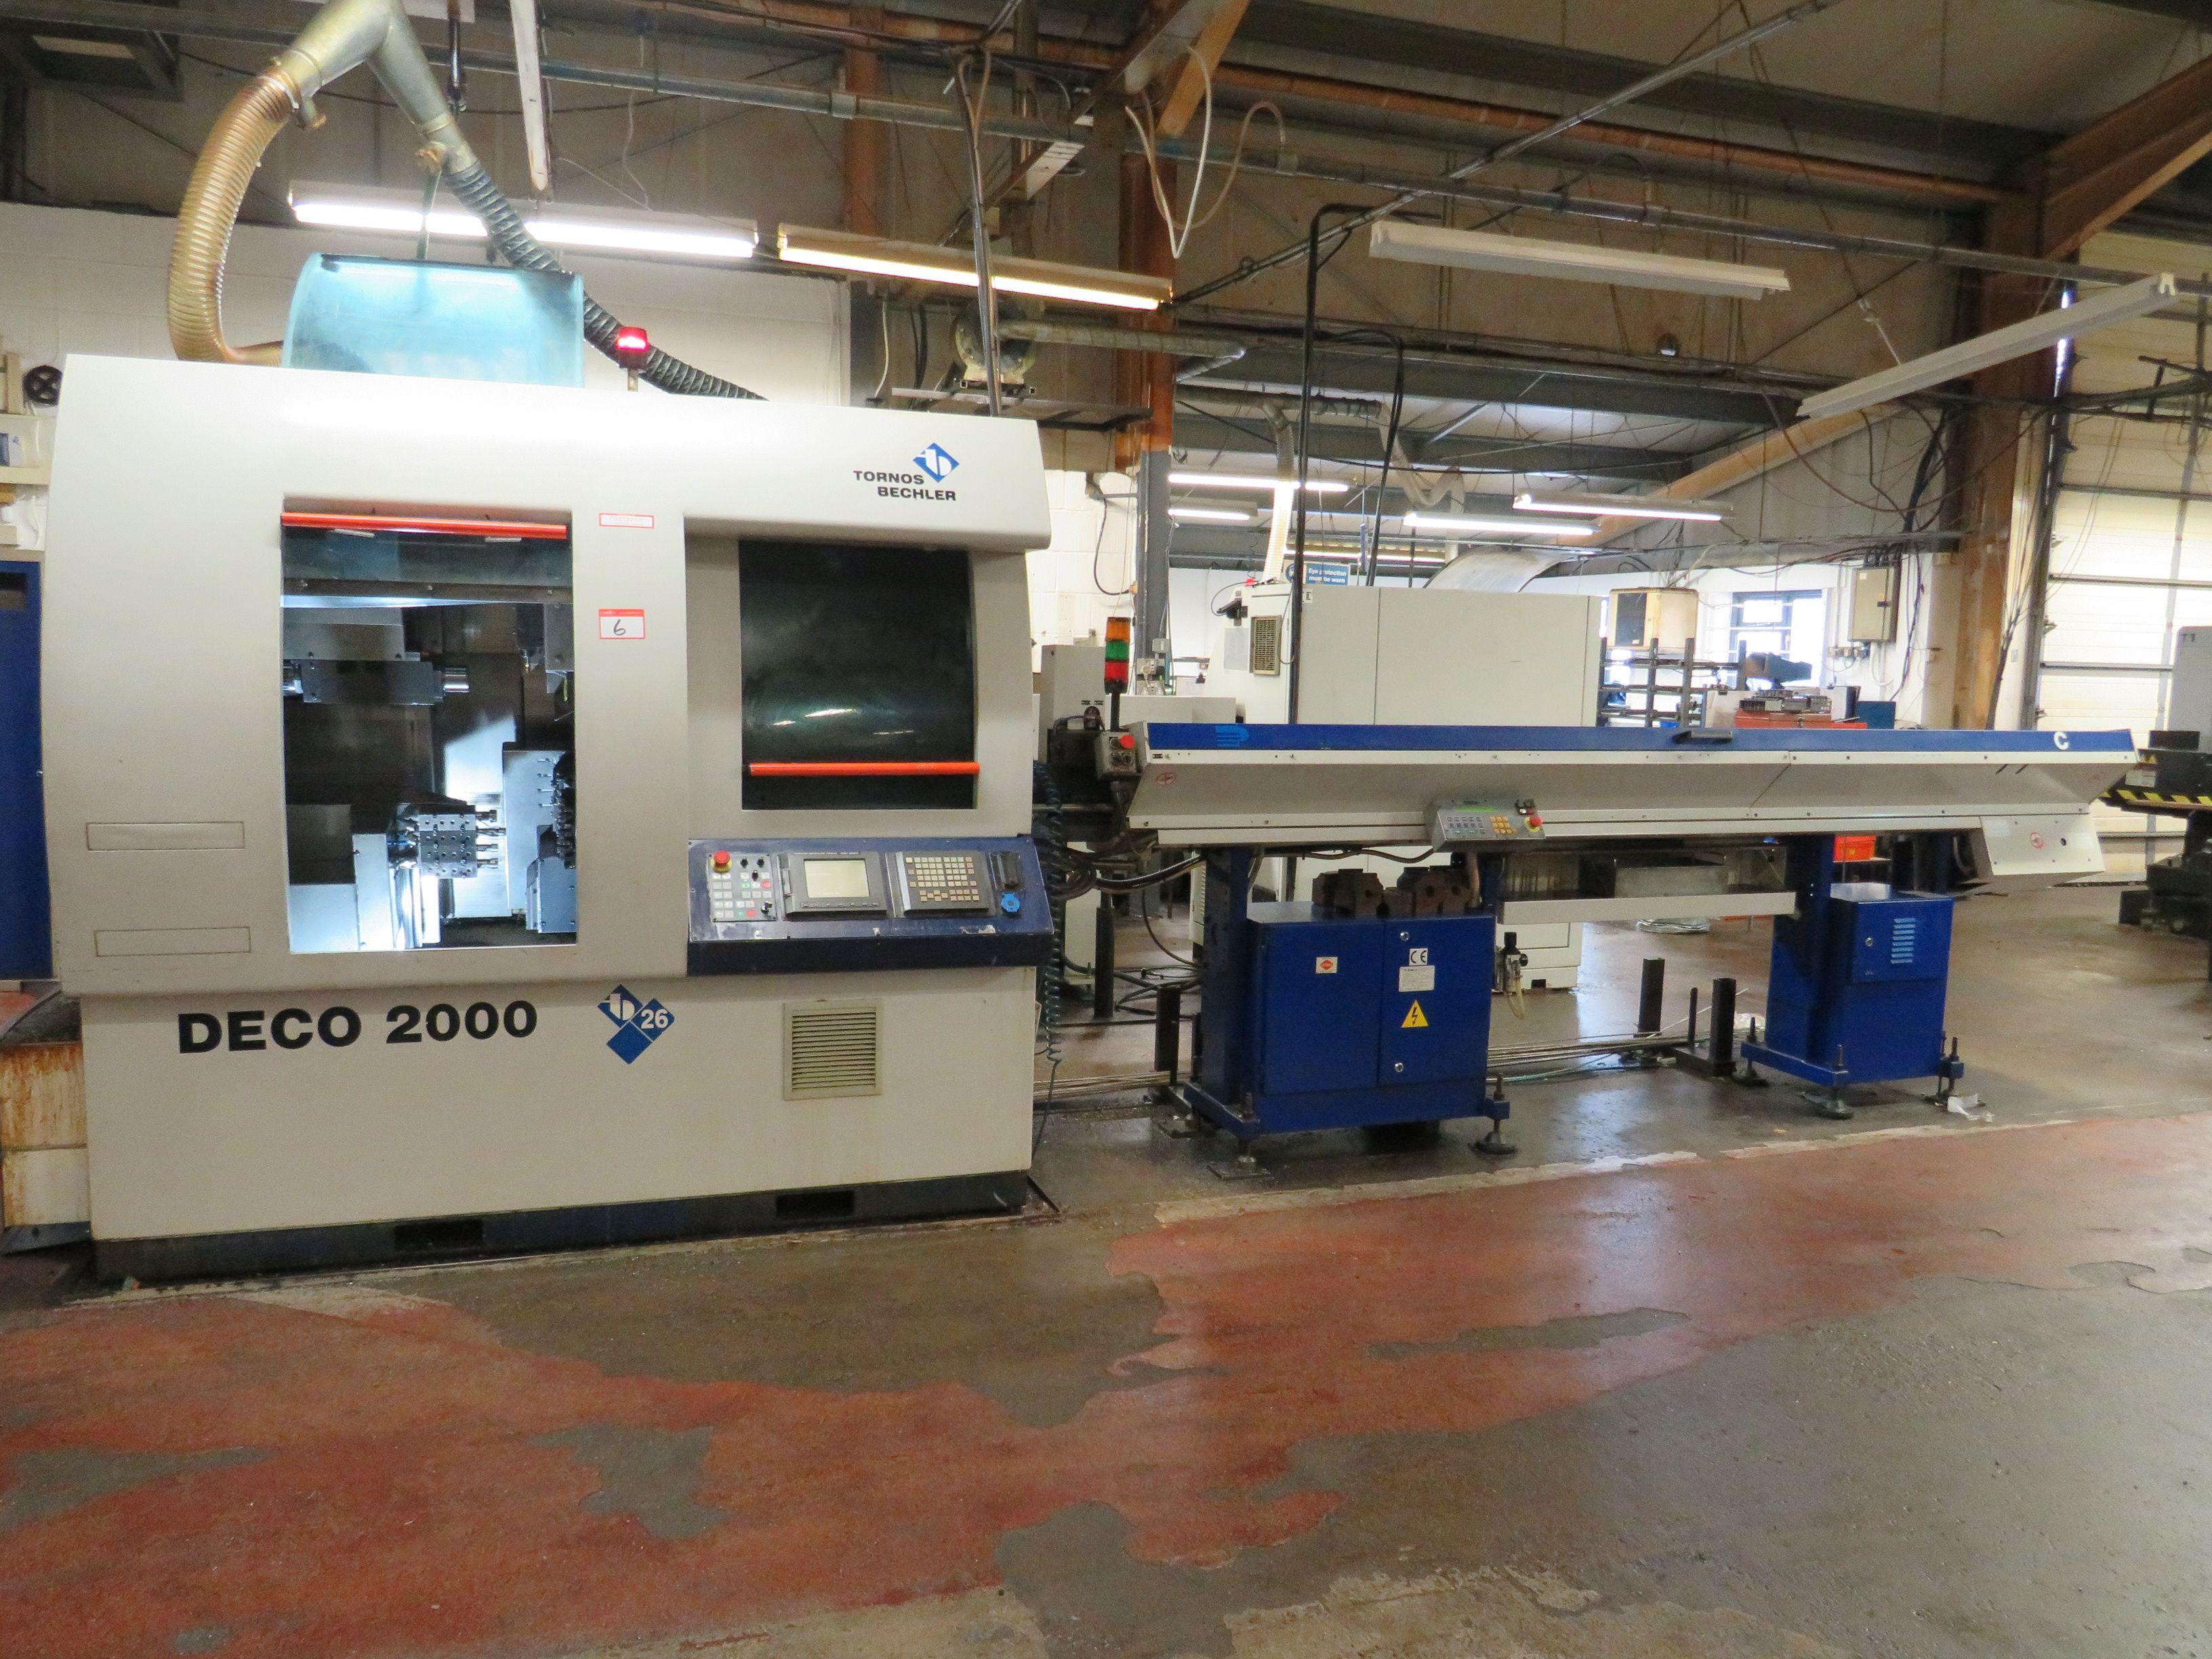 Tornos Deco 2000/26 Schweizer CNC-Drehmaschine